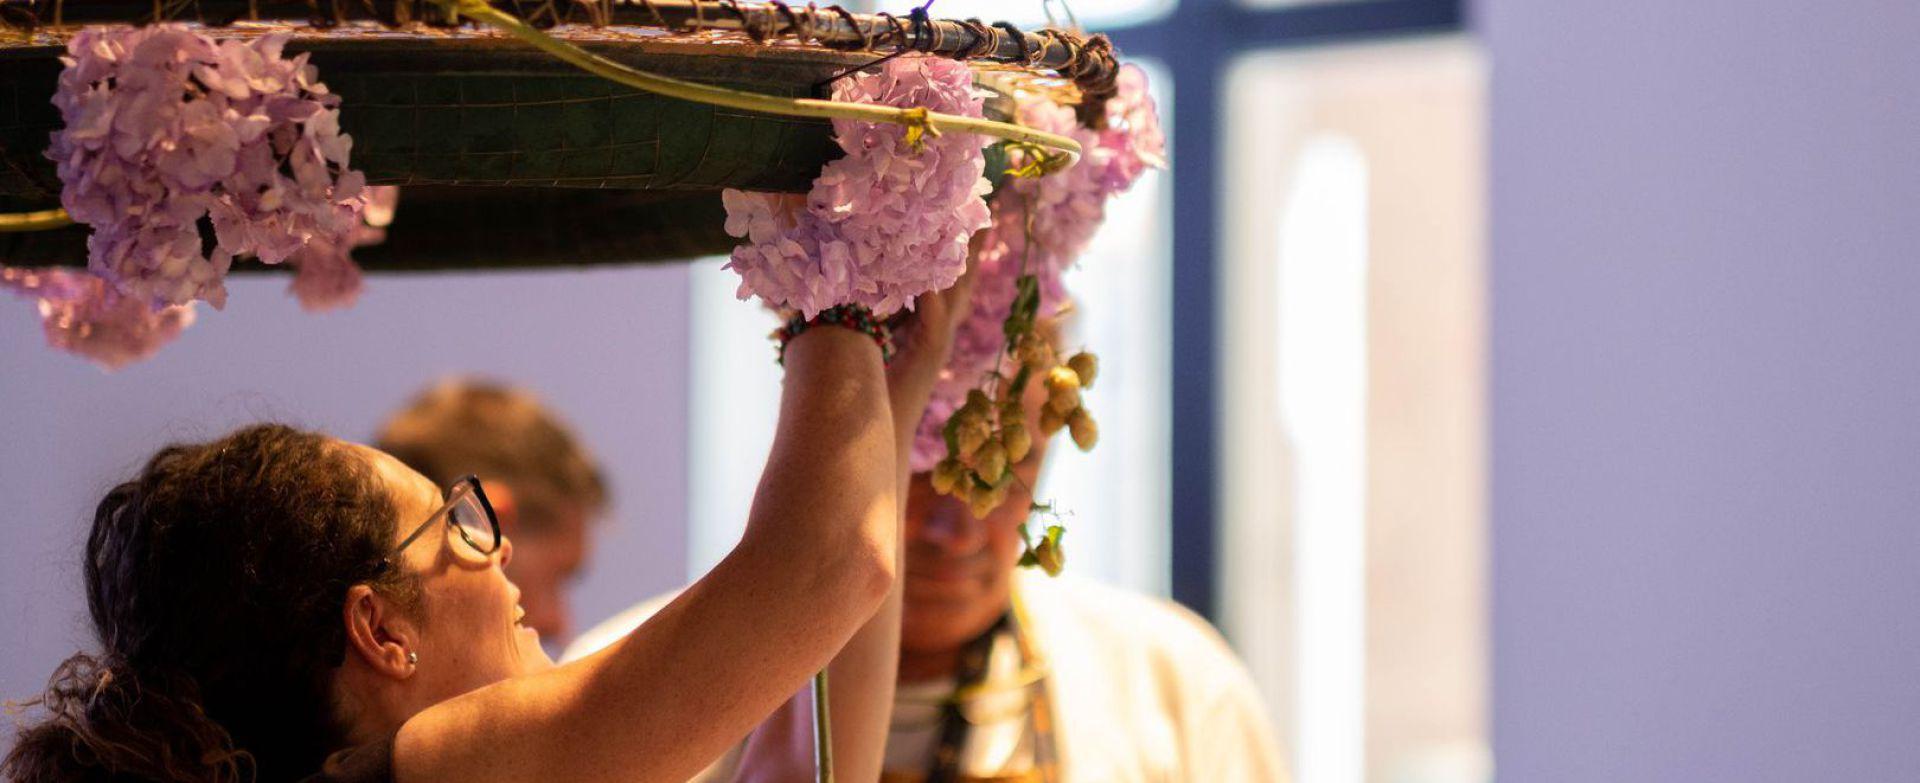 Bonsai Floristas, vanessa segovia